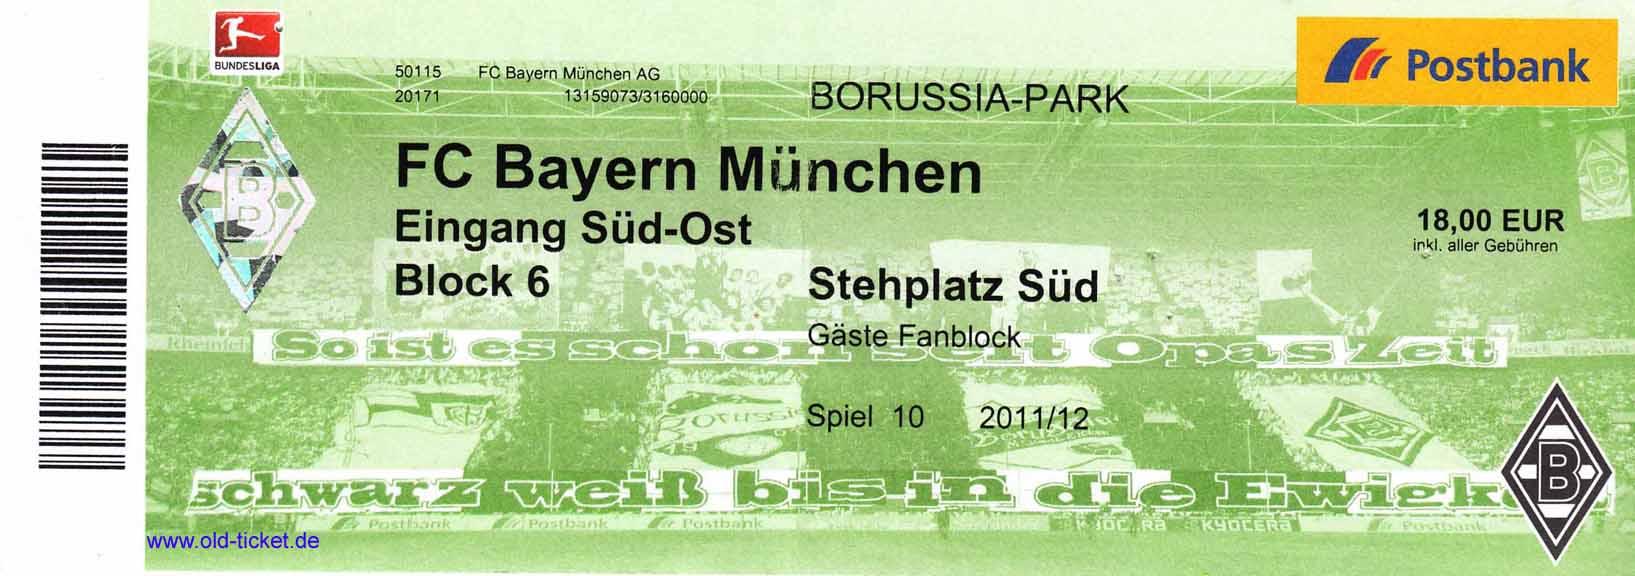 Tickets Gladbach Schalke